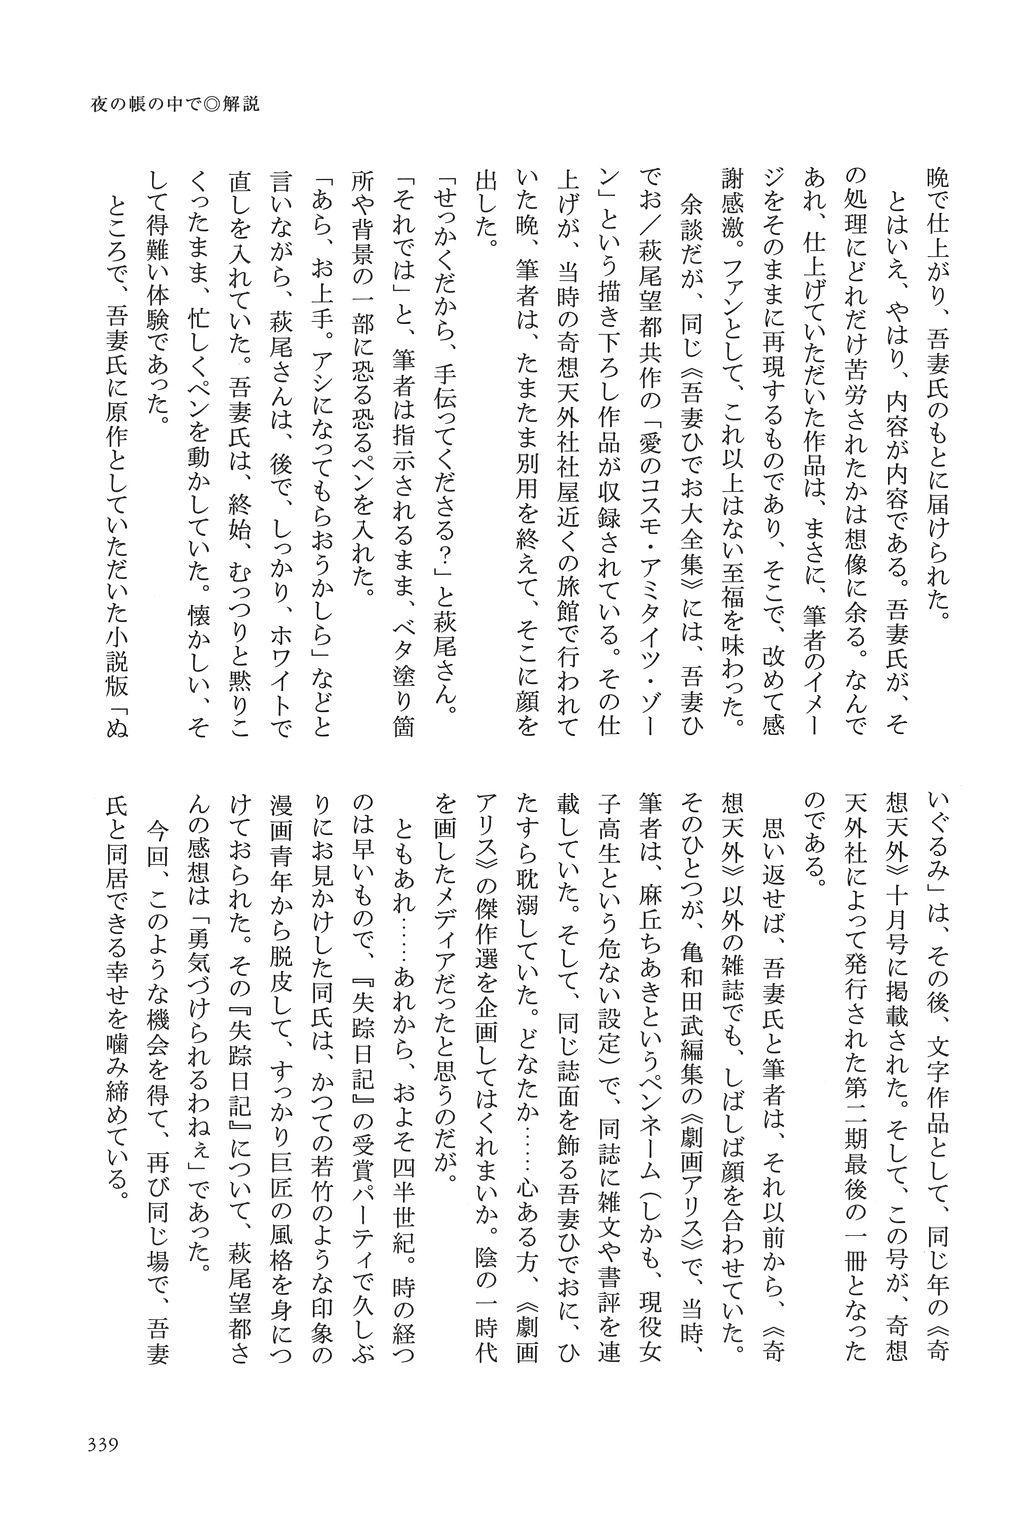 Azuma Hideo Sakuhin Shuusei - Yoru no Tobari no Naka de 339